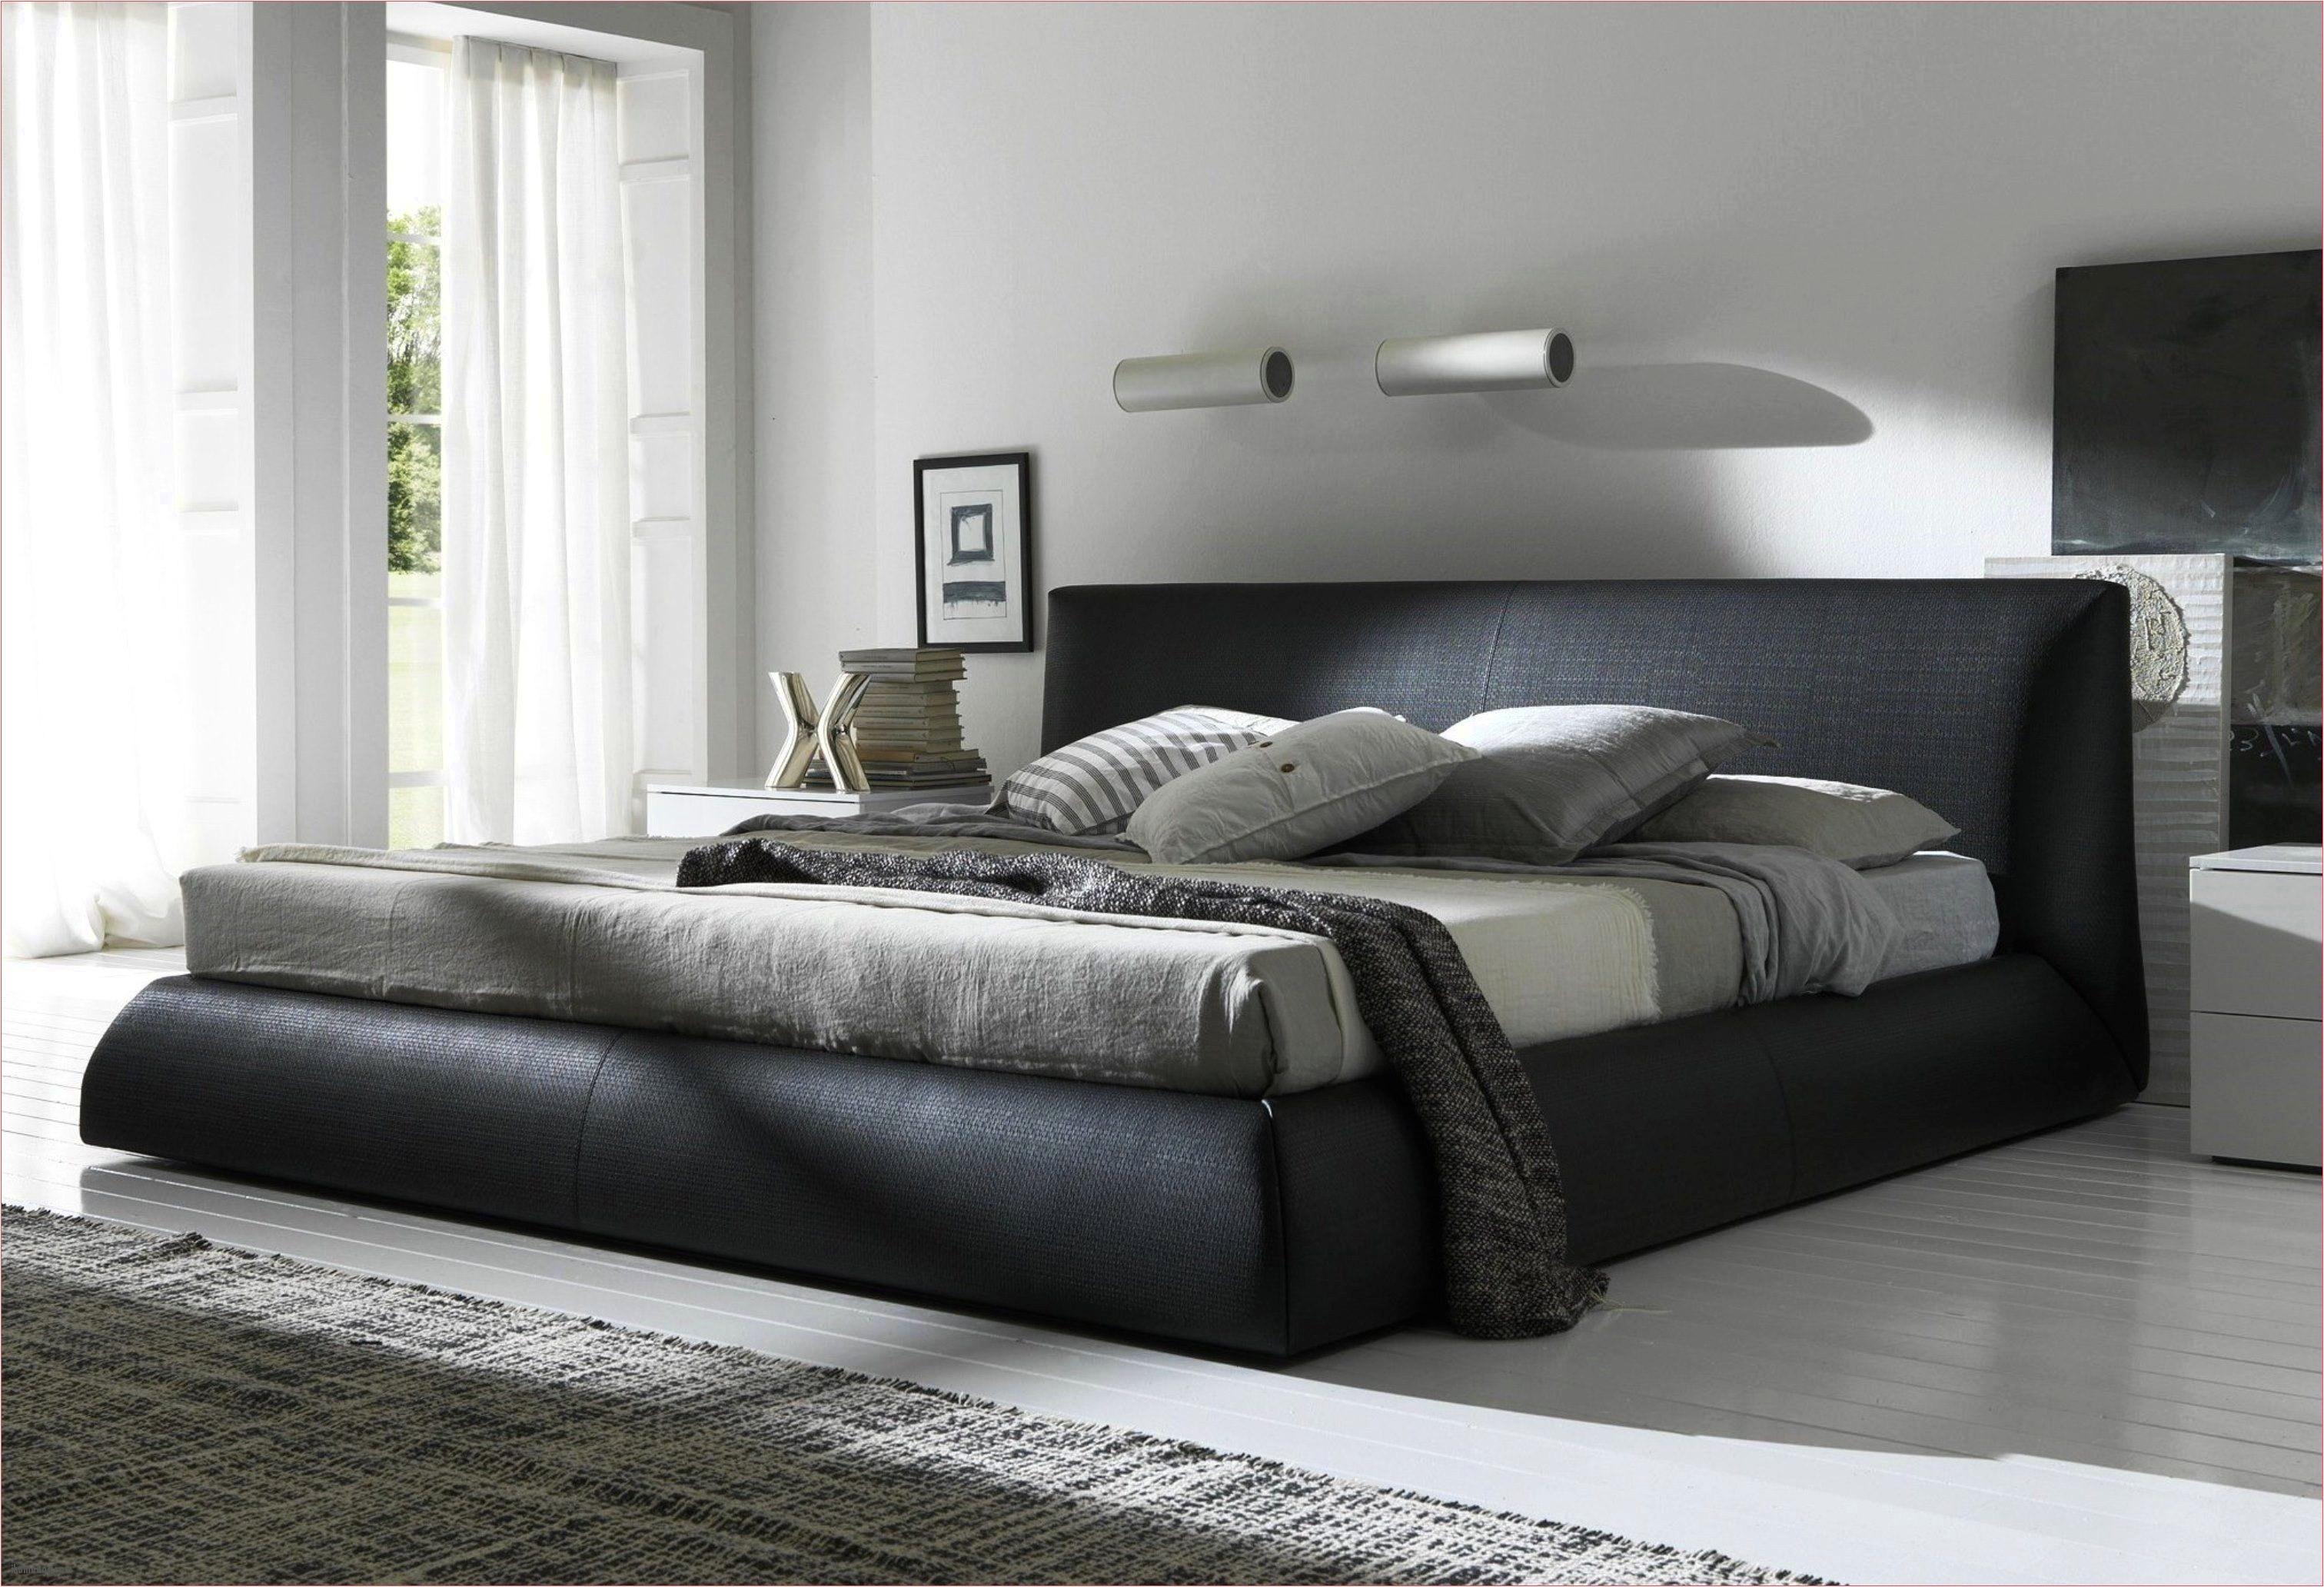 King Bedroom Sets Catchy King Bedroom Sets with Black Full Size Bedroom Set